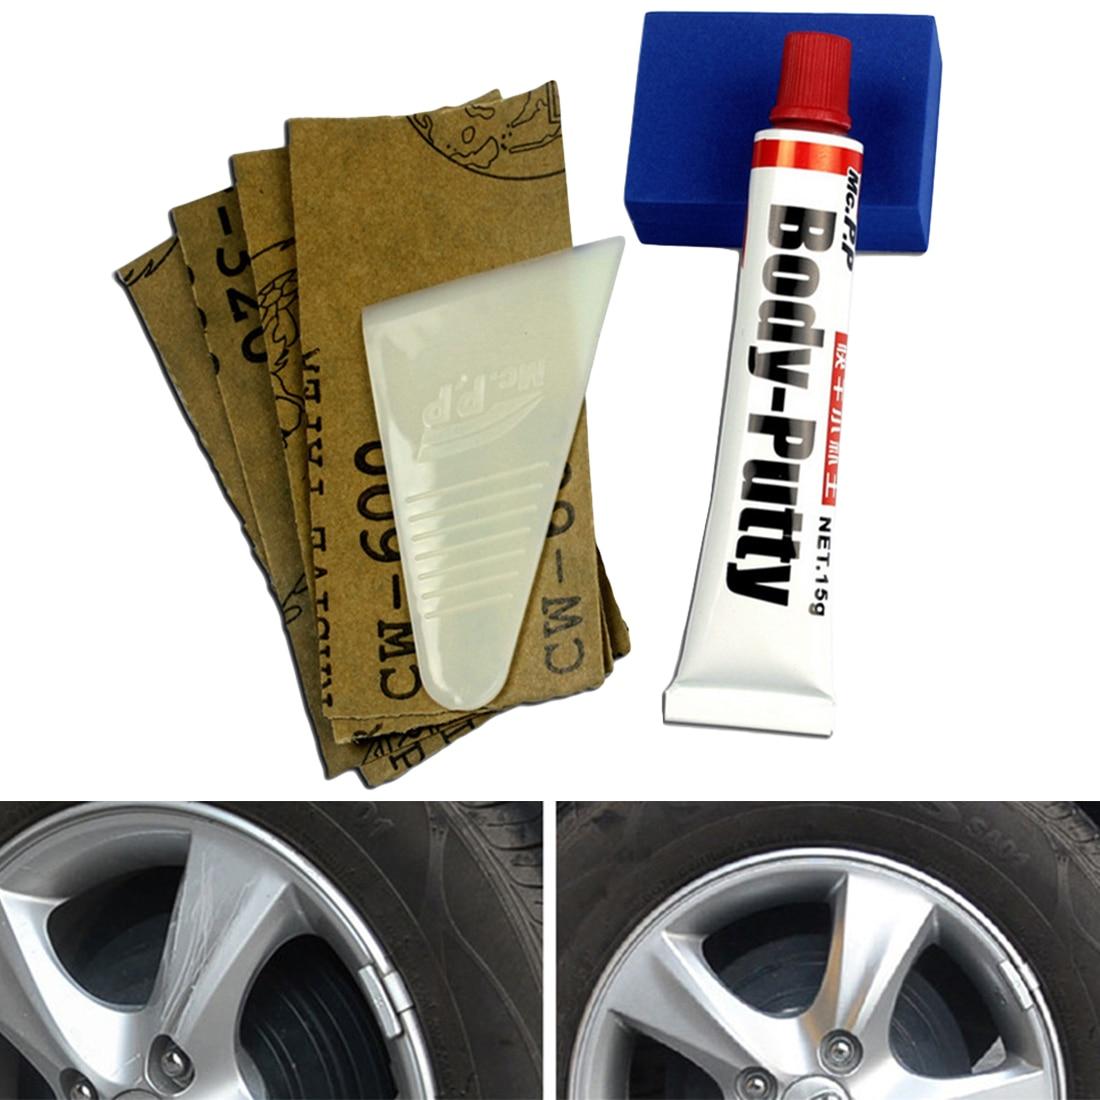 Bu-bauty, fondo reparador para arañazos, superficie de pintura de imprimación de coche, productos para el cuidado de la piel del coche, conjunto de pasta, recubrimiento de arañazos, compuesto de pulido automático